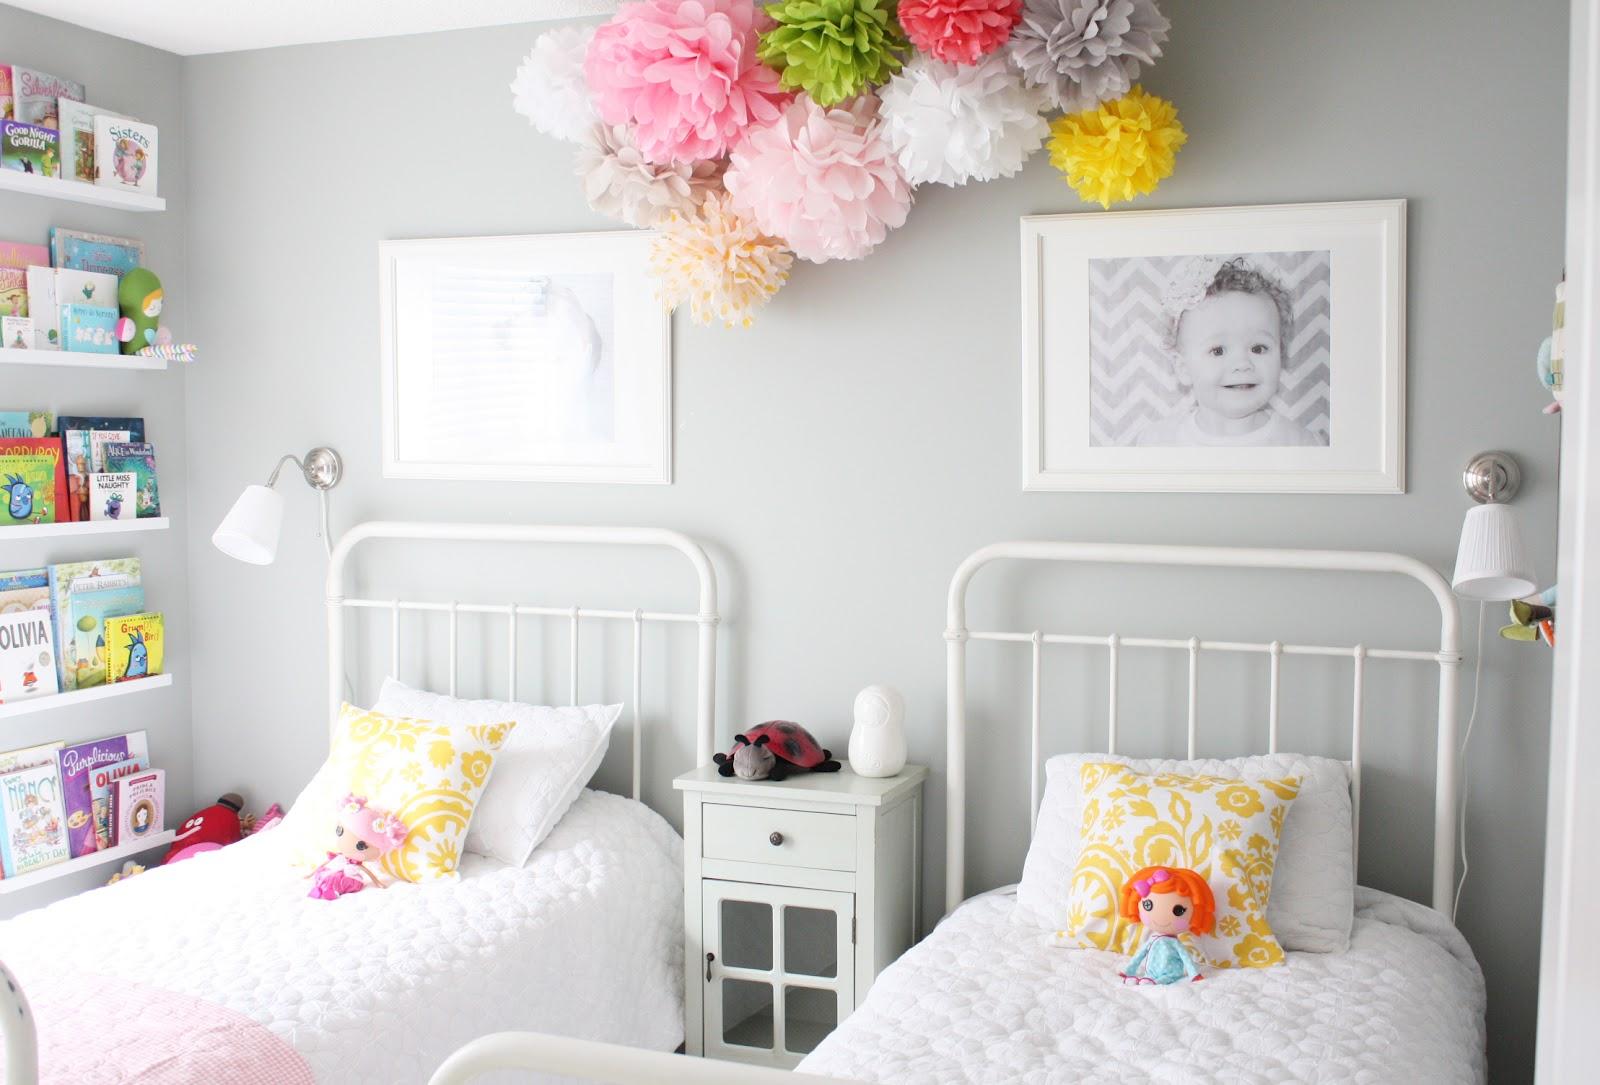 Как украсить маленькую комнату своими руками